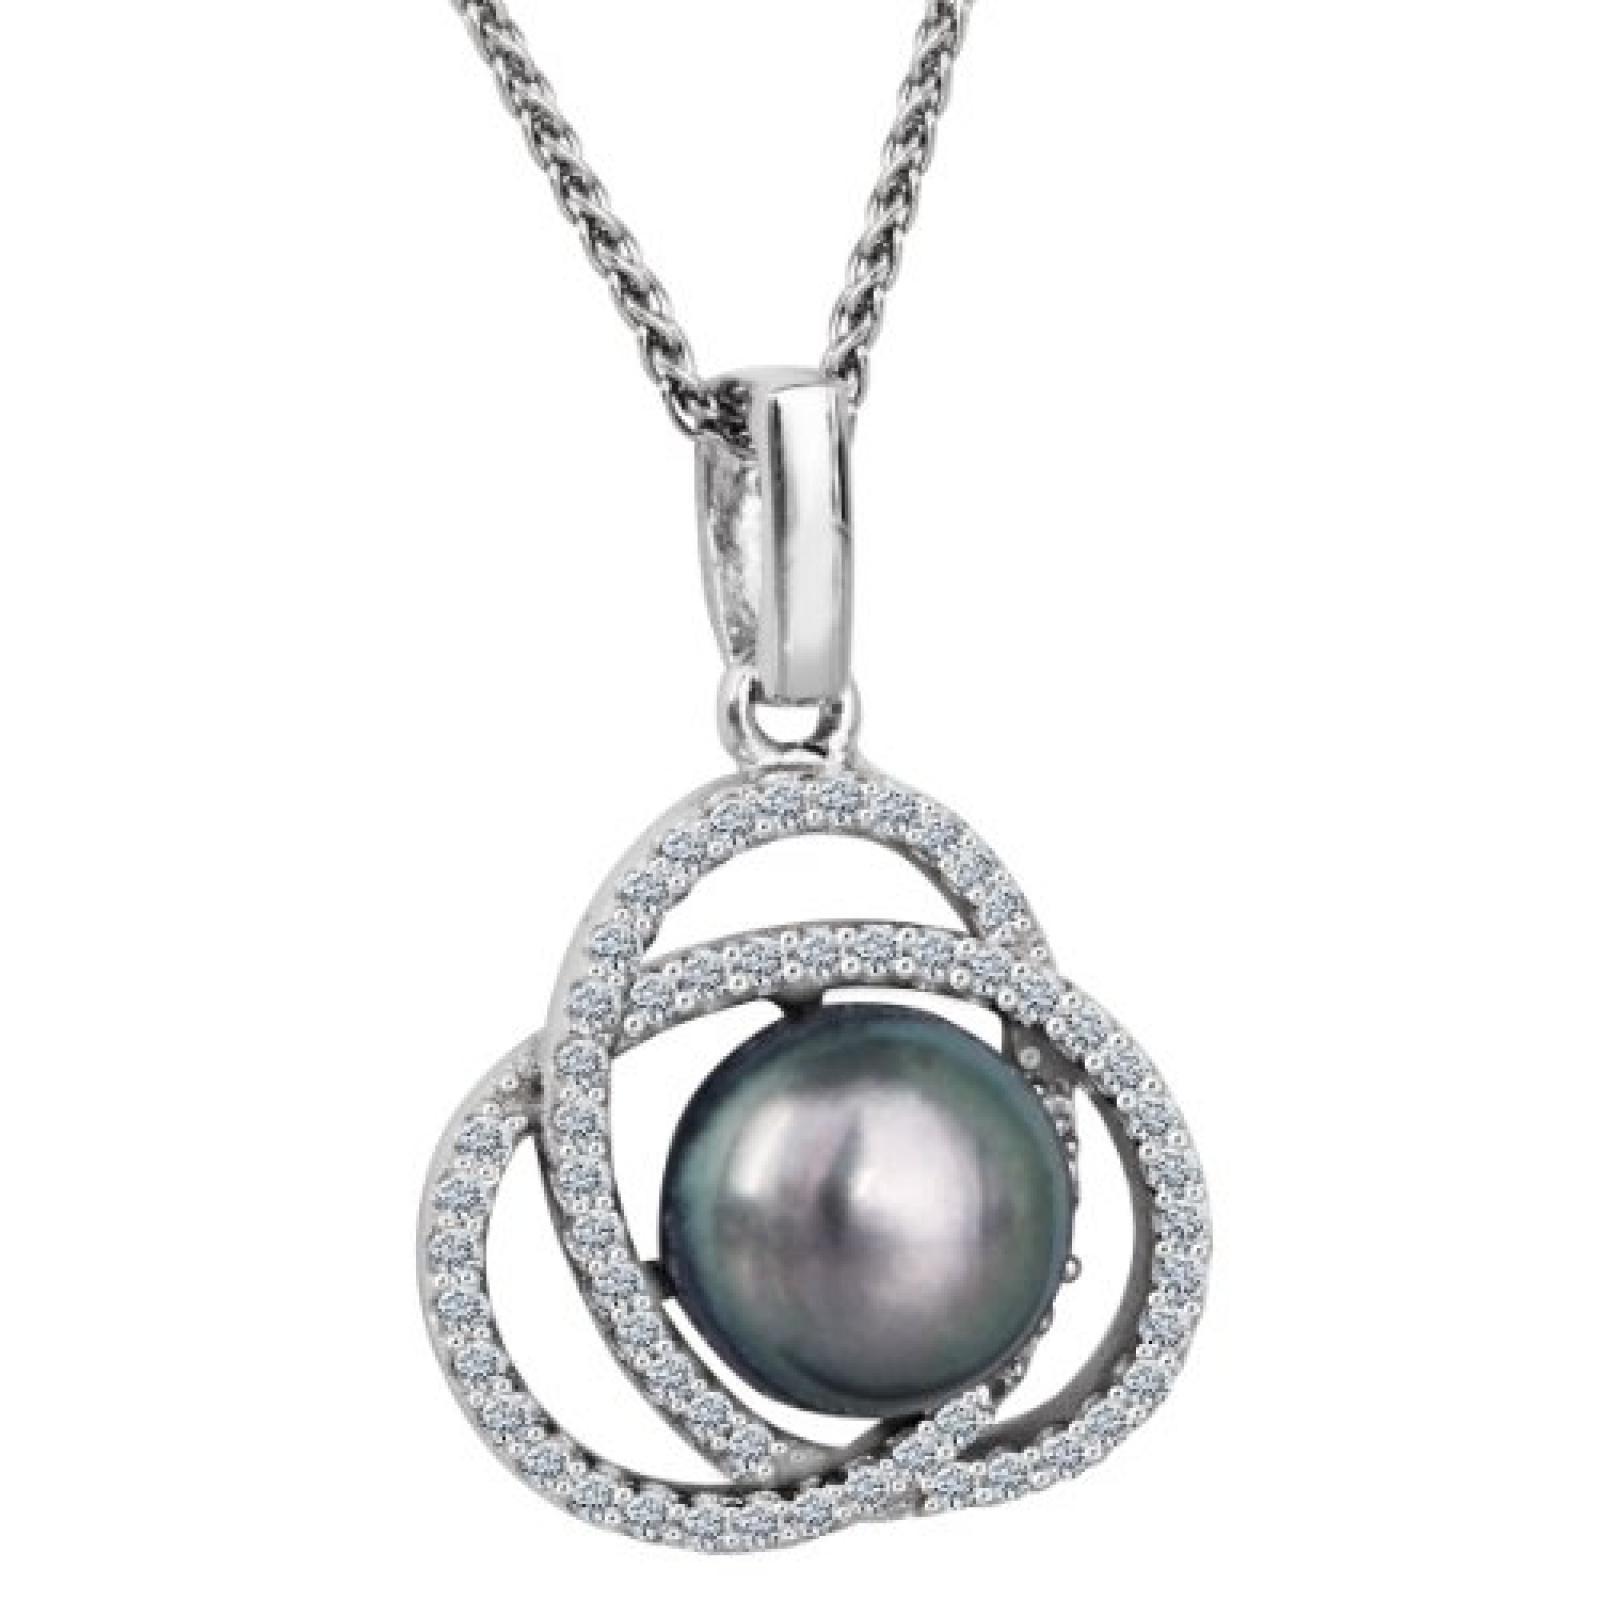 Bella Donna Damen-Halskette 925 Sterling Silber 1 Süßwasser Zuchtperle grau-schwarz 8,5 mm Zirkonia 109400